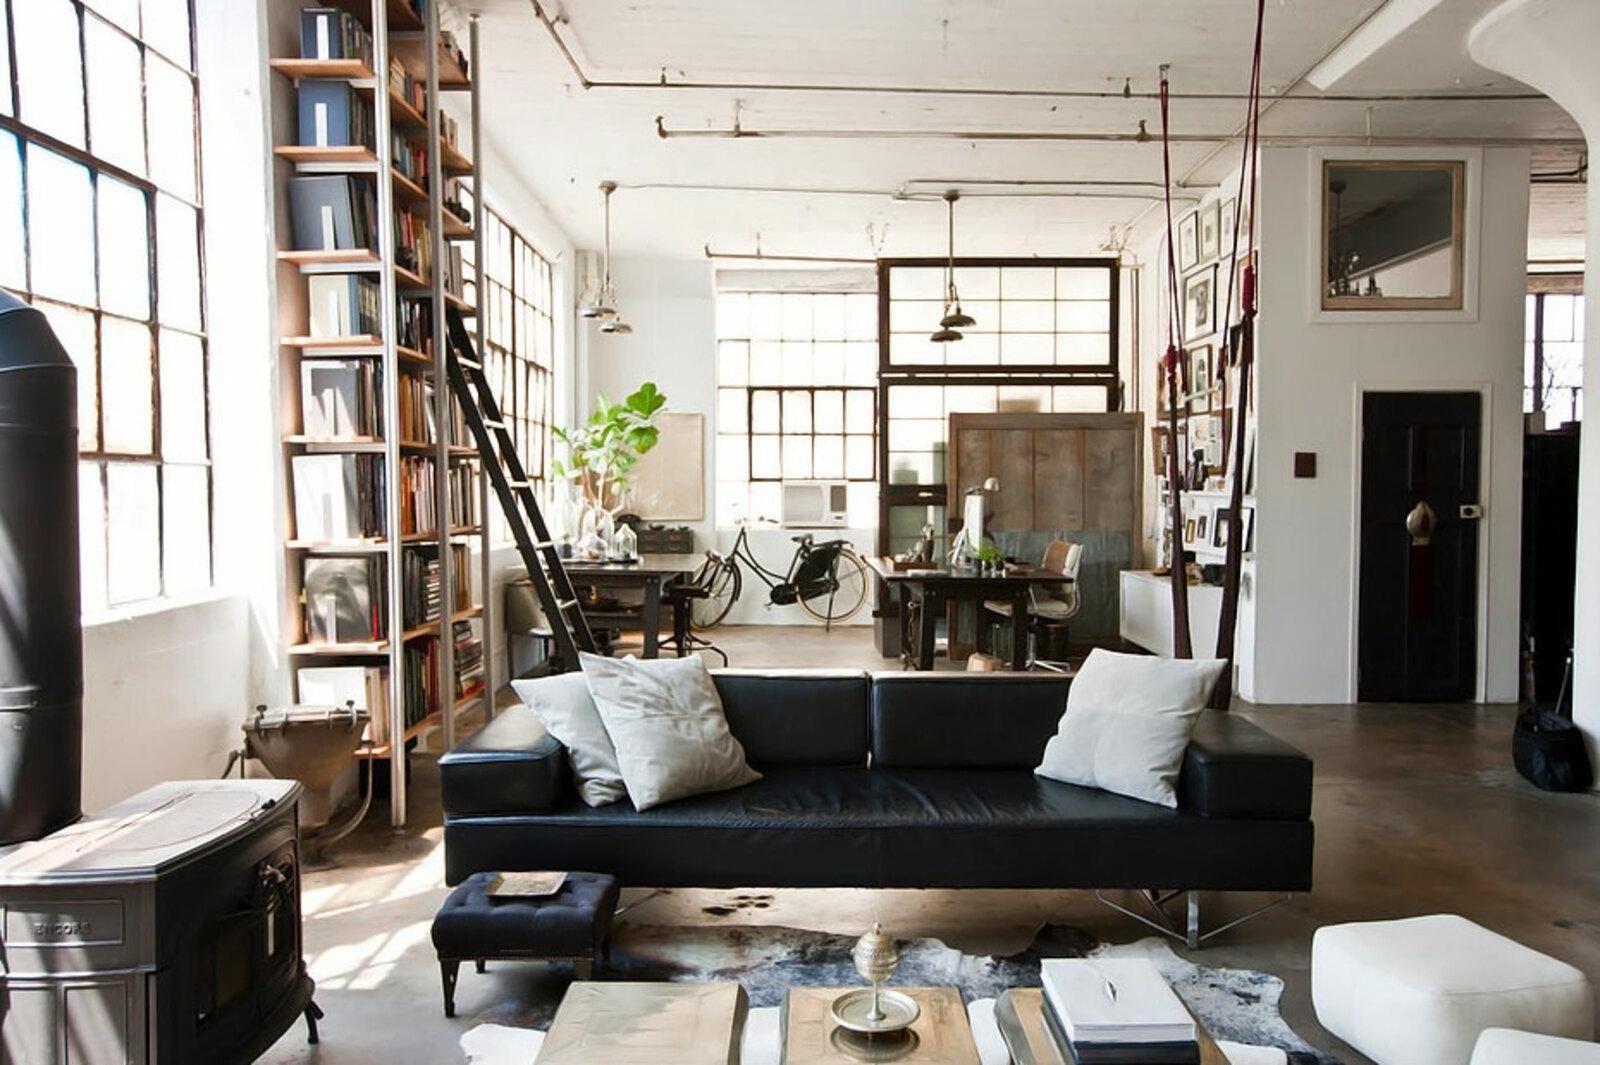 Phong cách nội thất Industrial. Mẫu thiết kế đậm chất công nghiệp